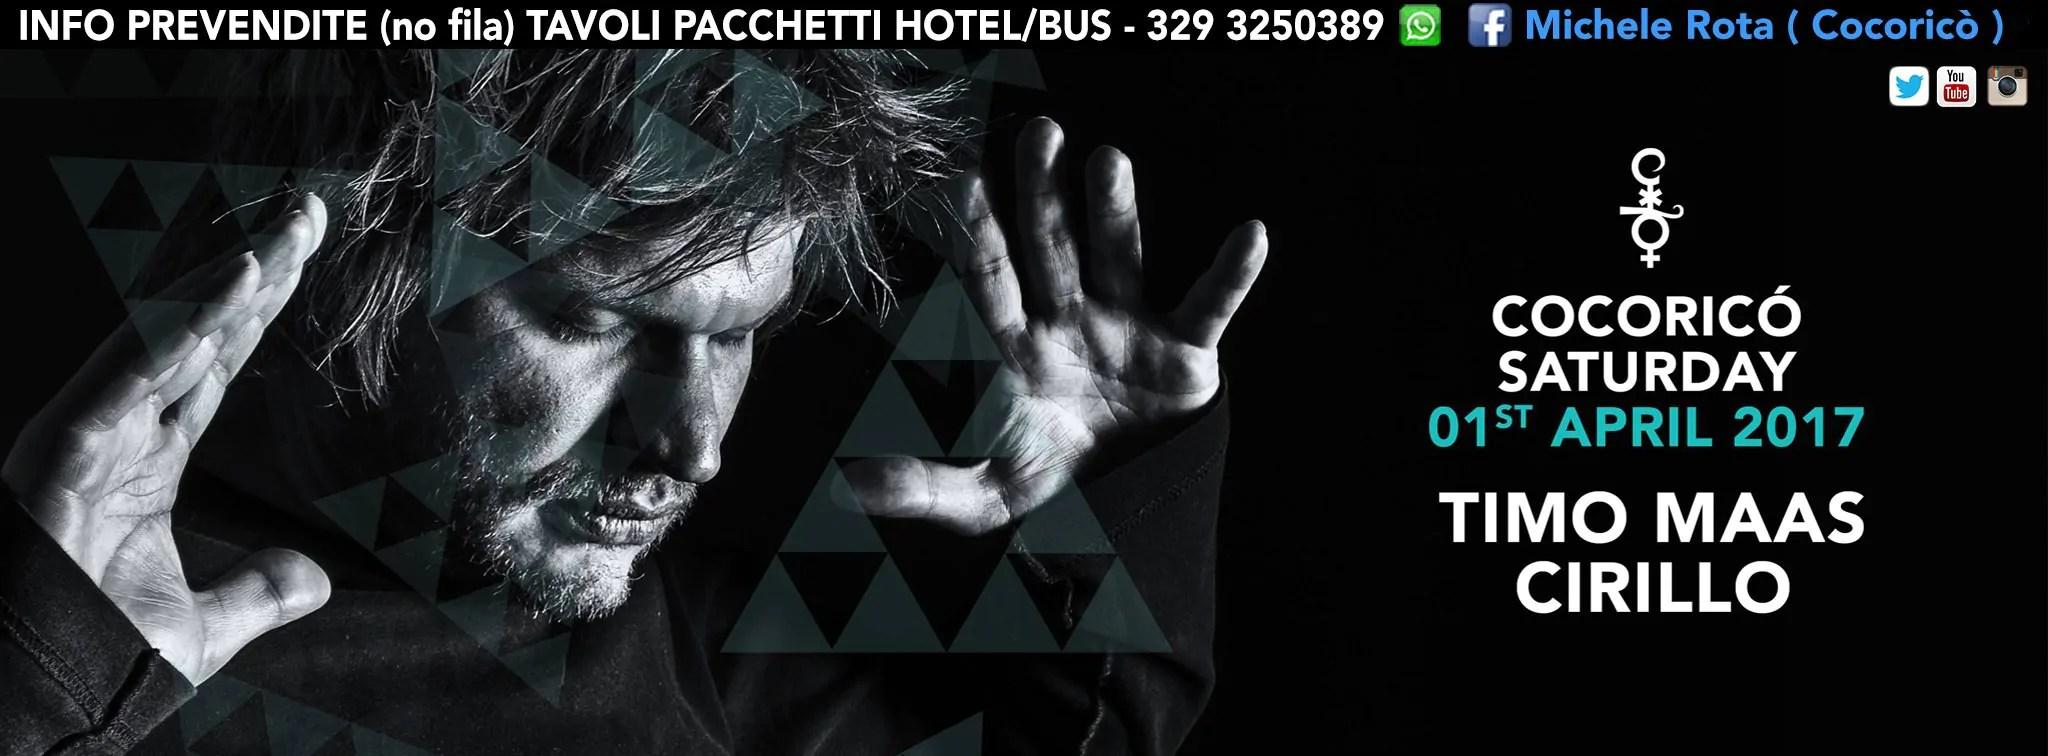 SABATO 01 Aprile 2017 TIMO MAAS COCORICO Prezzi Prevendite Biglietti Liste Tavoli Hotel + Pullman